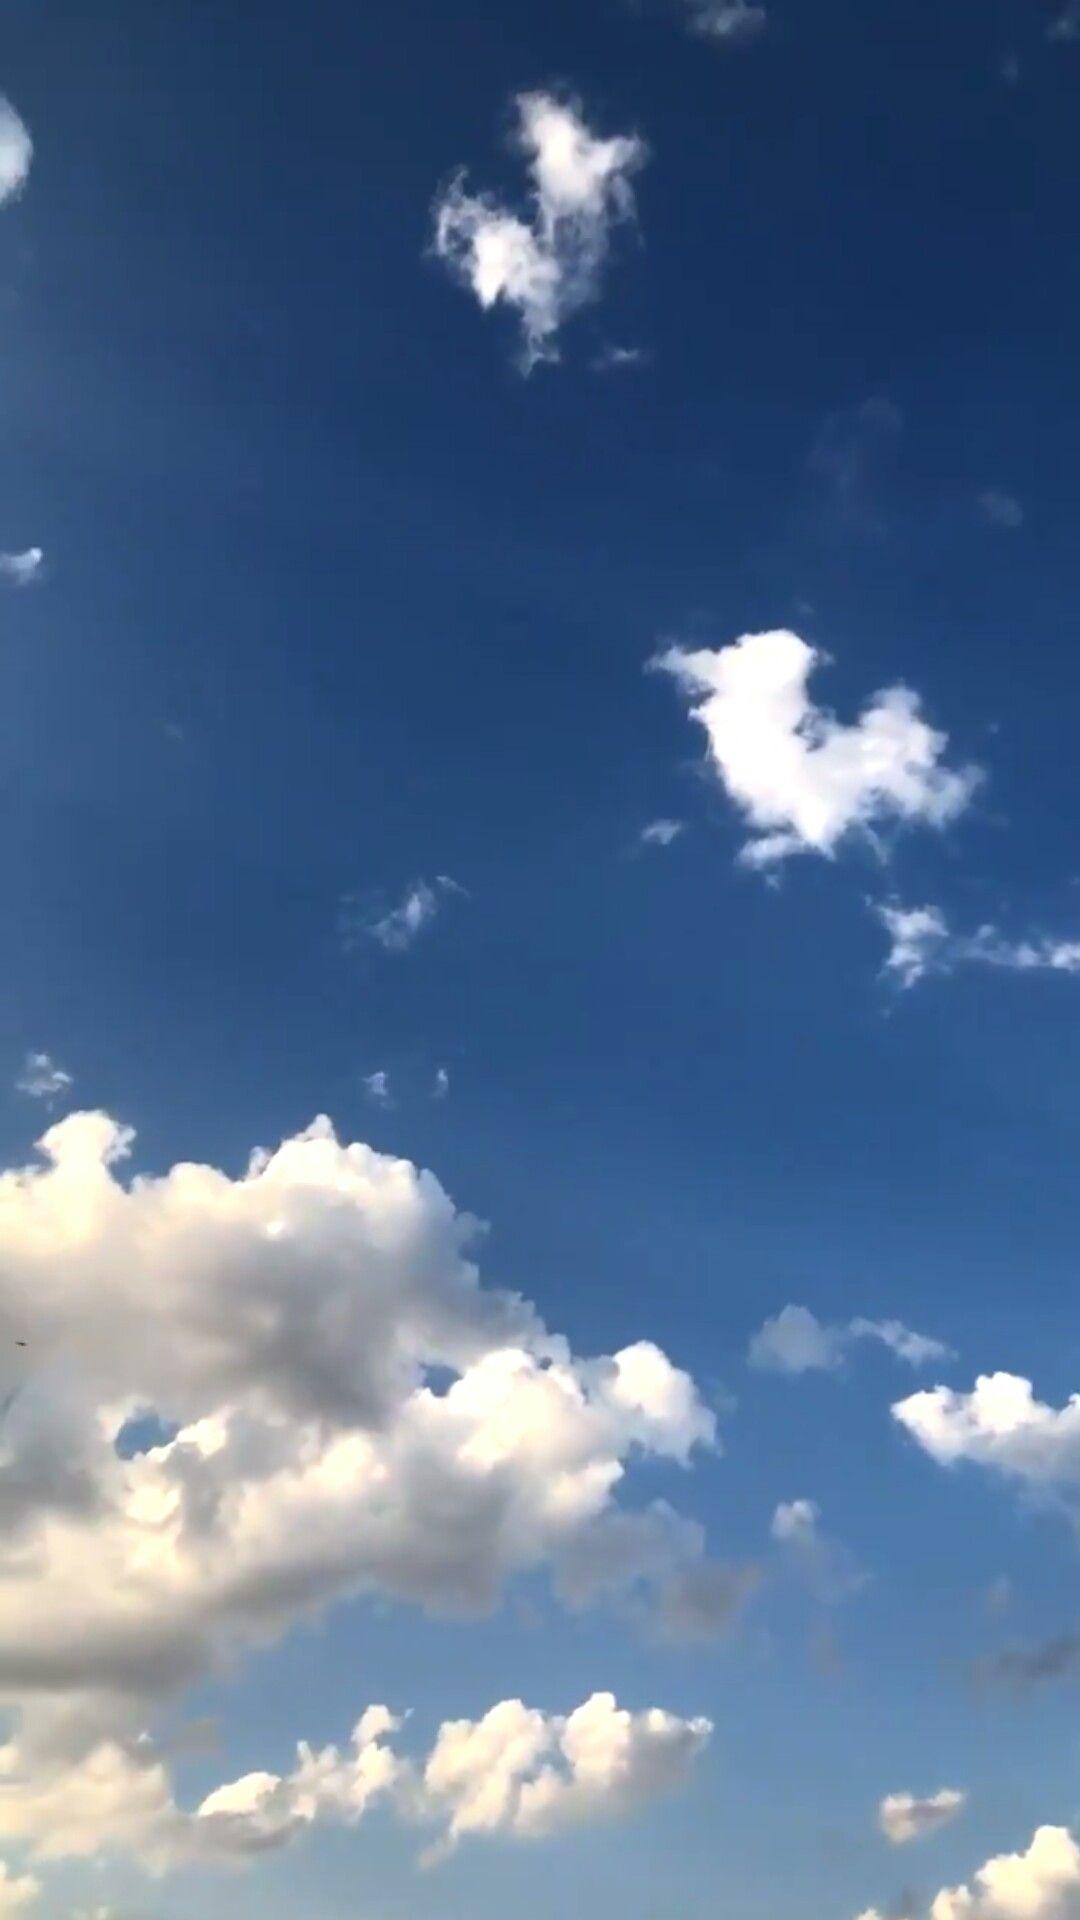 ح ب تأمل السماء وهي مليانة غ يوم Clouds Outdoor